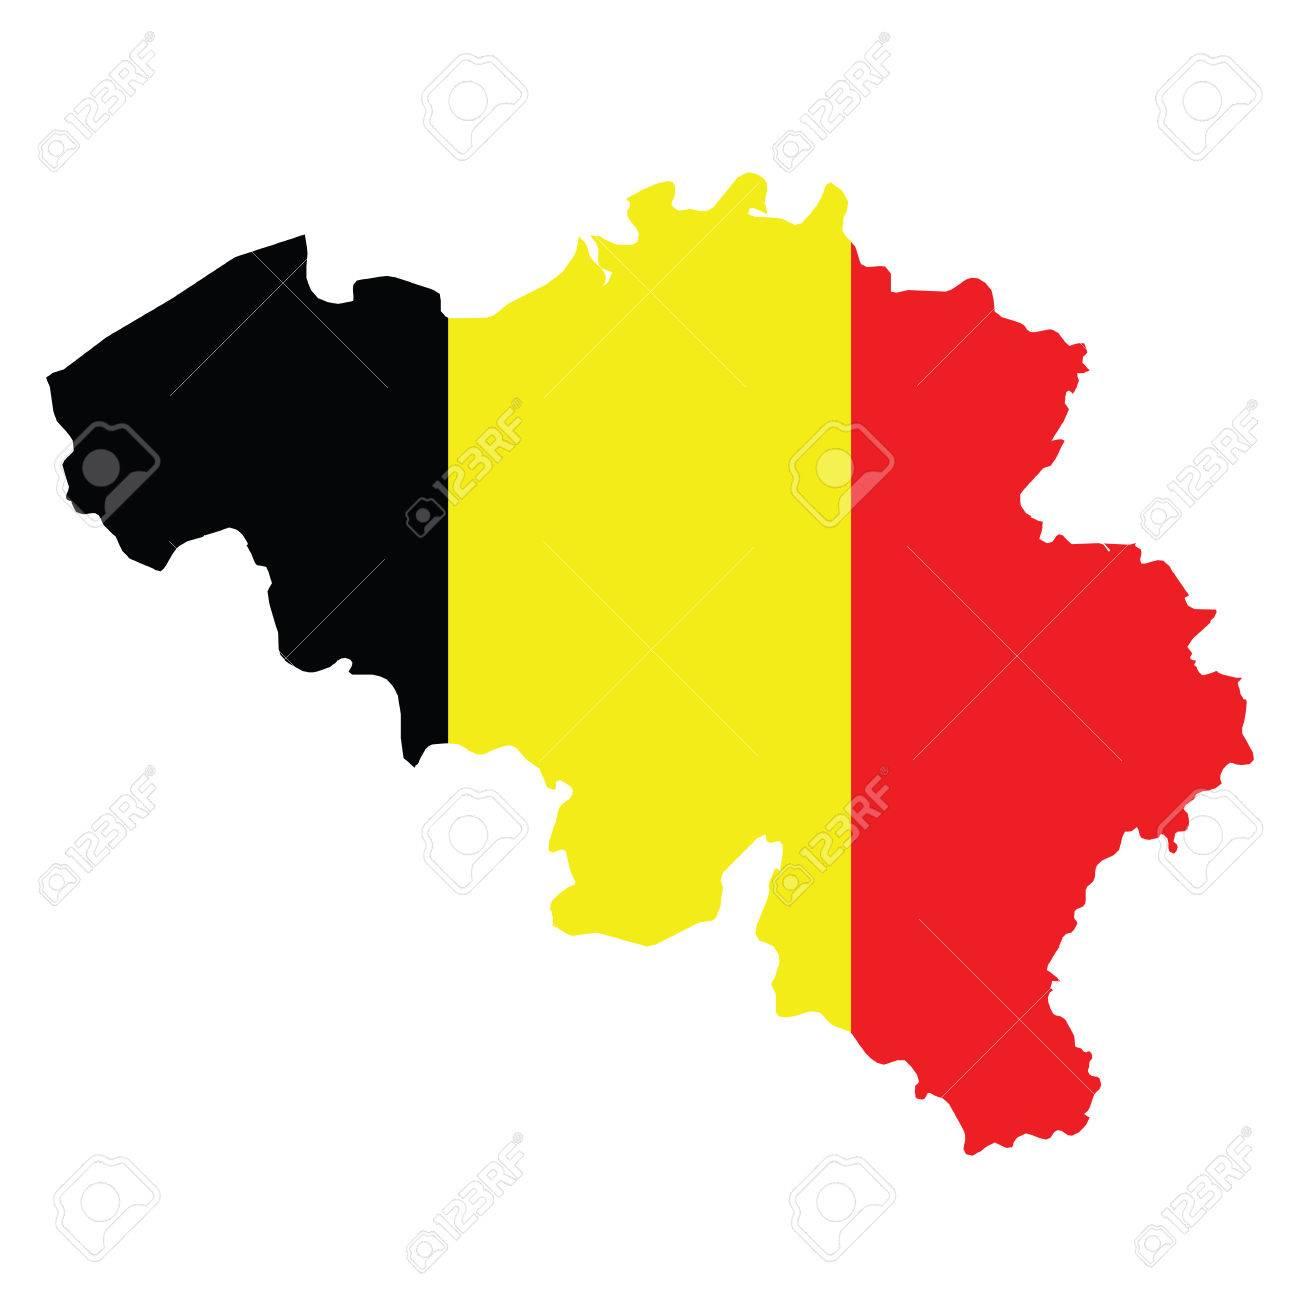 Vlag Van Het Koninkrijk Belgie Overlay Op Blinde Kaart Geisoleerd